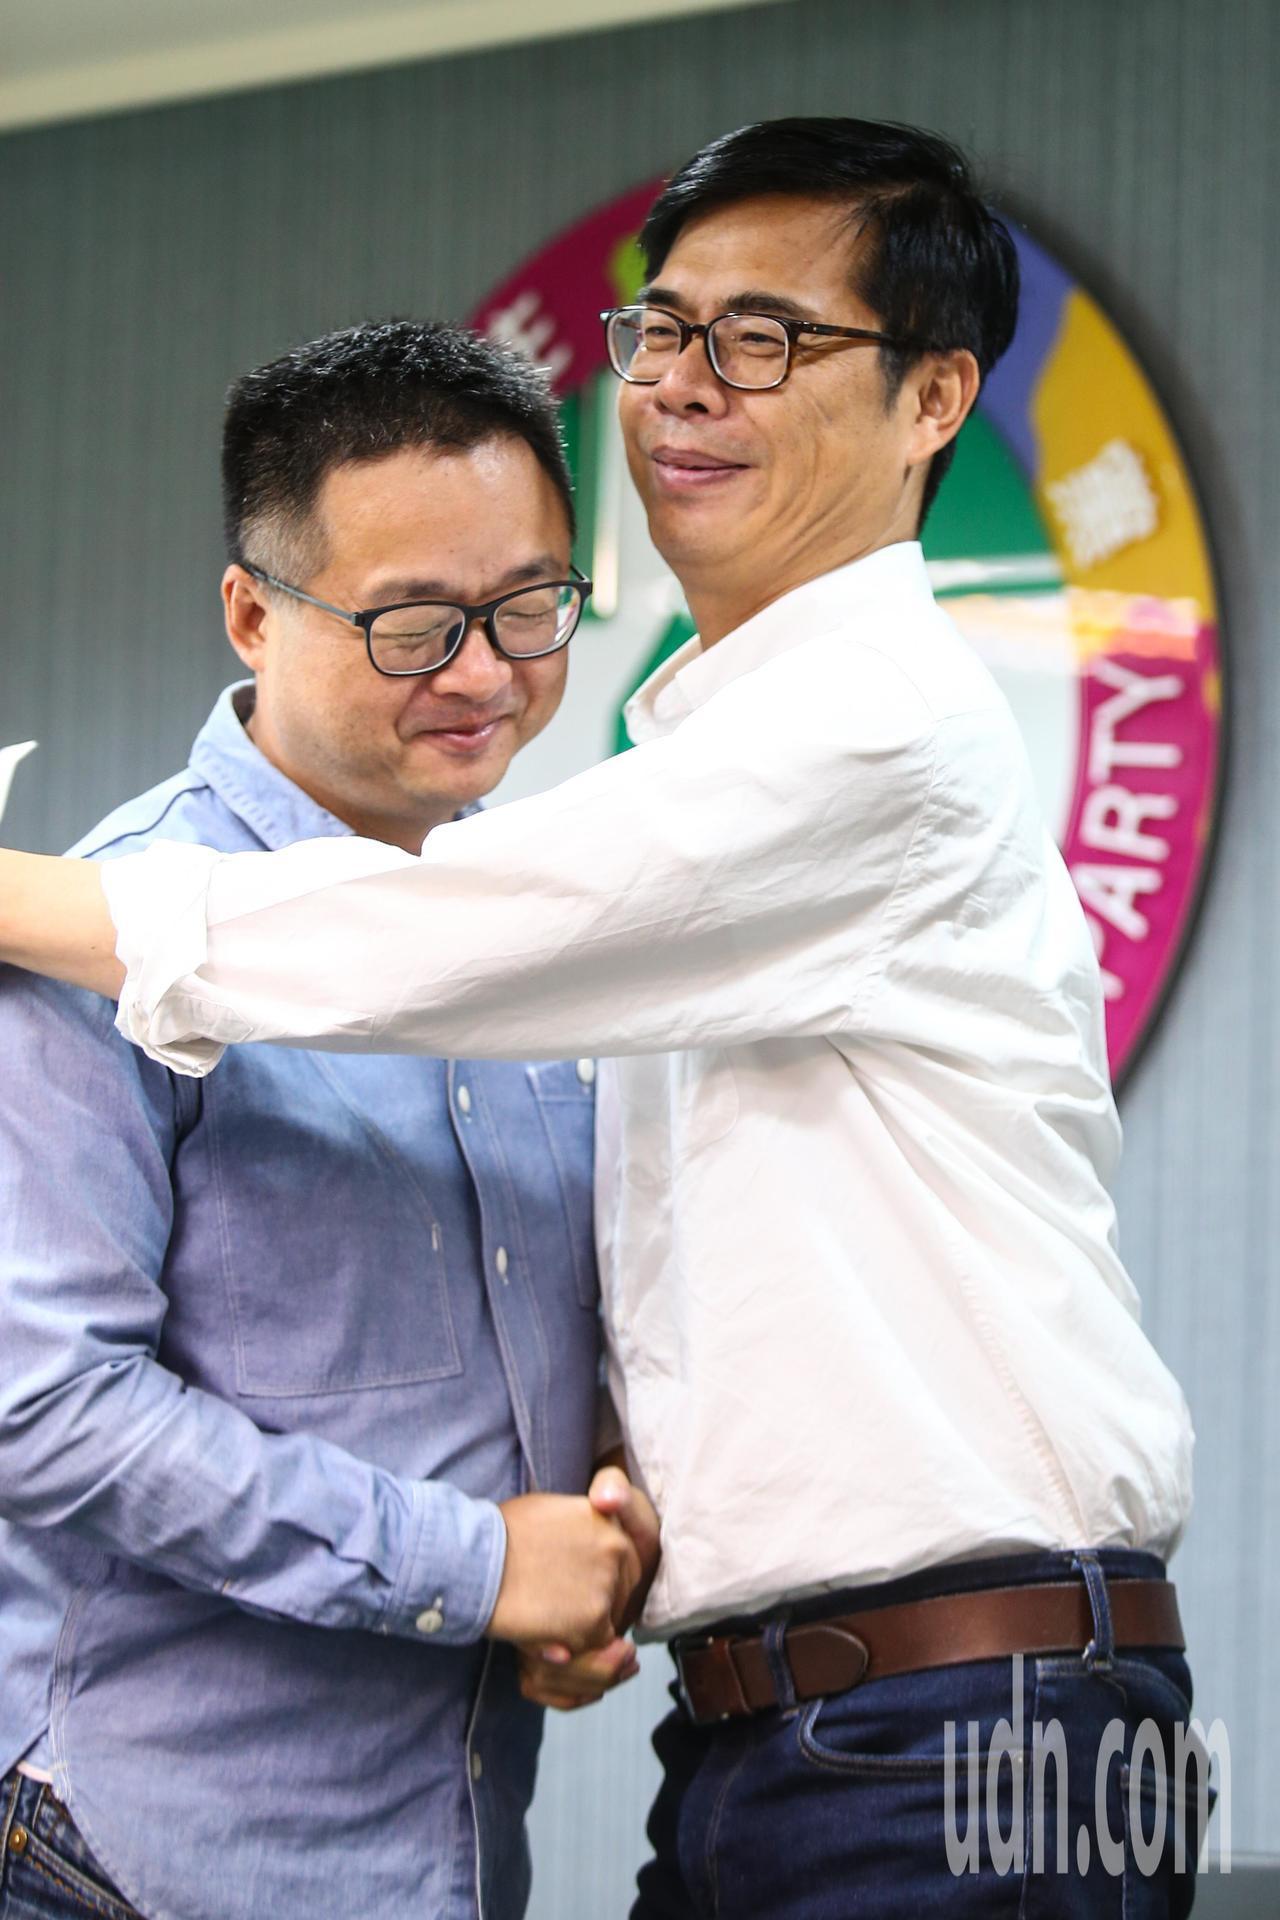 民進黨高雄市長候選人陳其邁(右)下午在民進黨中央舉行記者會公佈新一波競選影片,已...